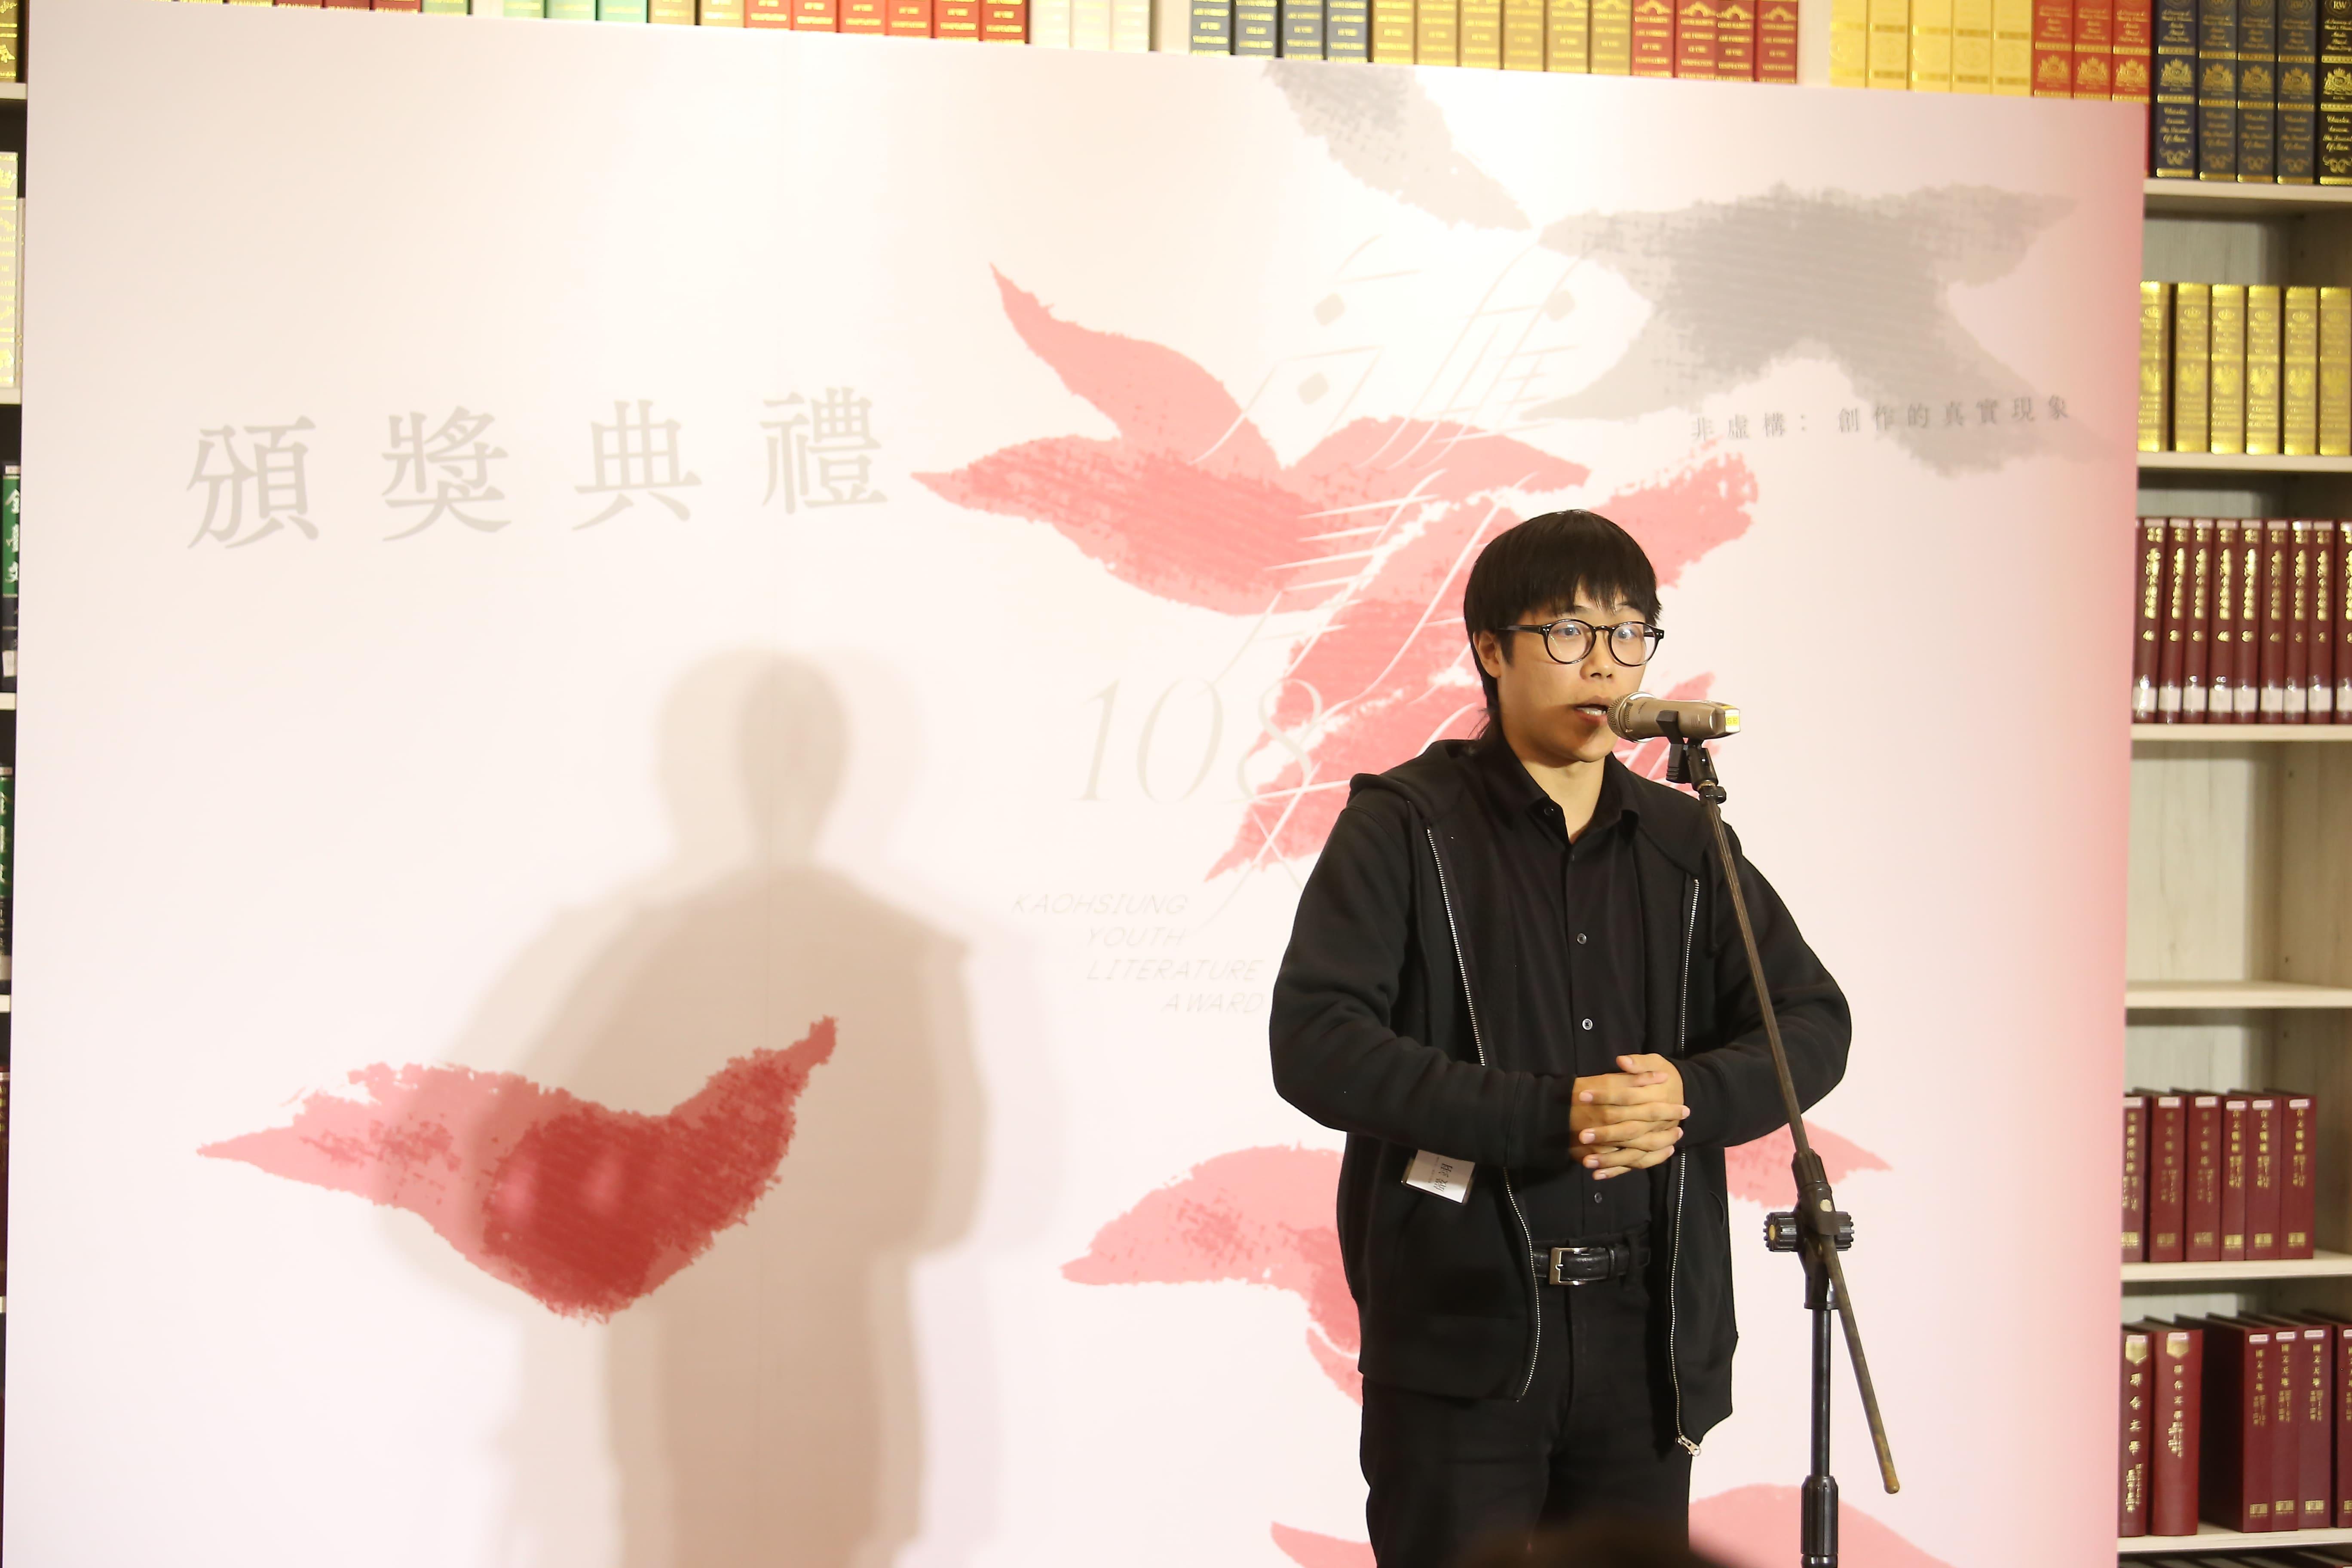 一次拿下短篇小說首獎和三獎的作者嚴翊,創下高雄青年文學獎紀錄。